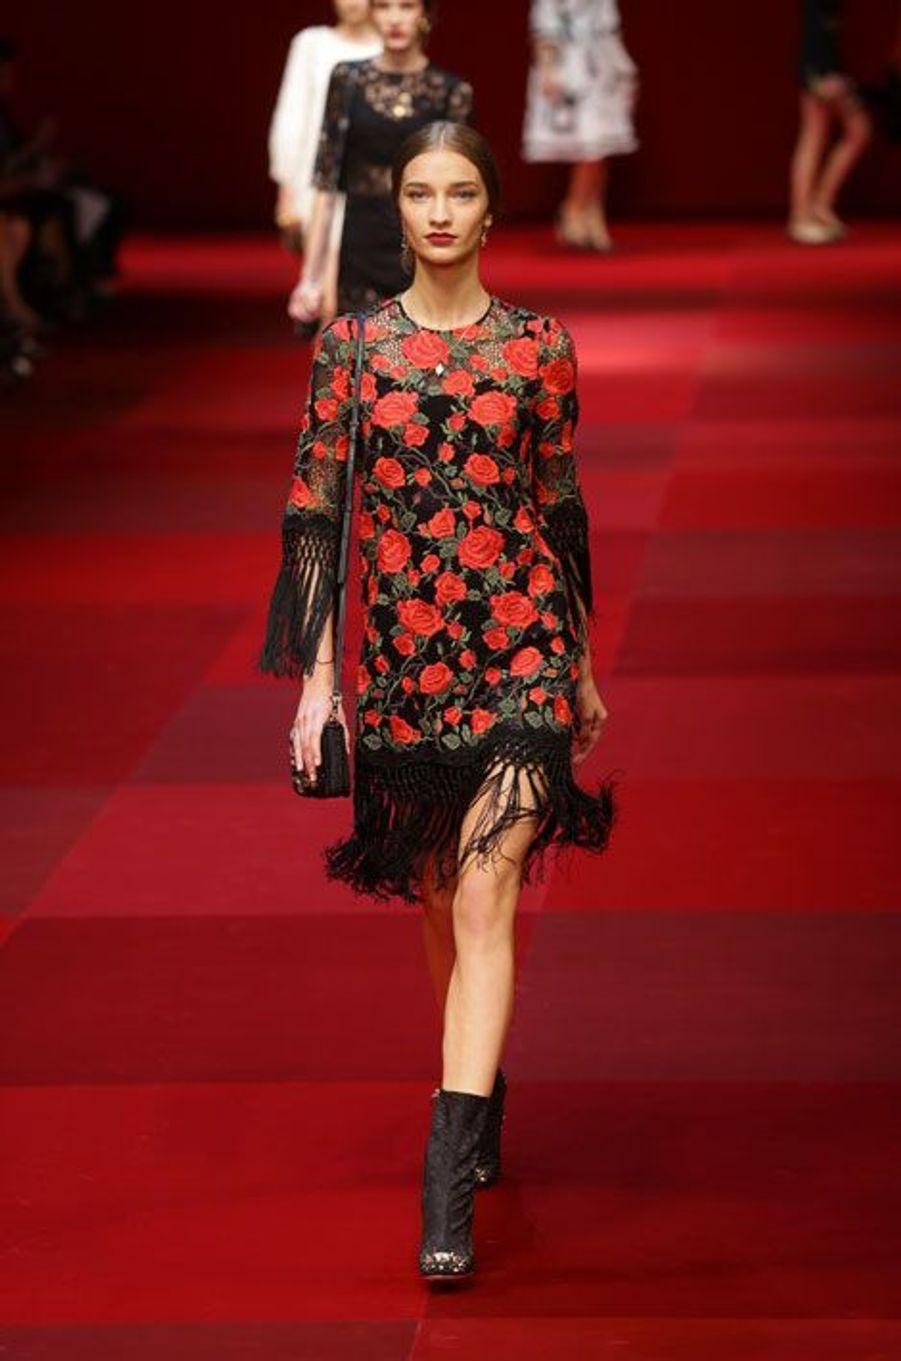 Défilé Dolce & Gabbana pendant la Fashion Week printemps-été 2015 de Milan, le 21 septembre 2014